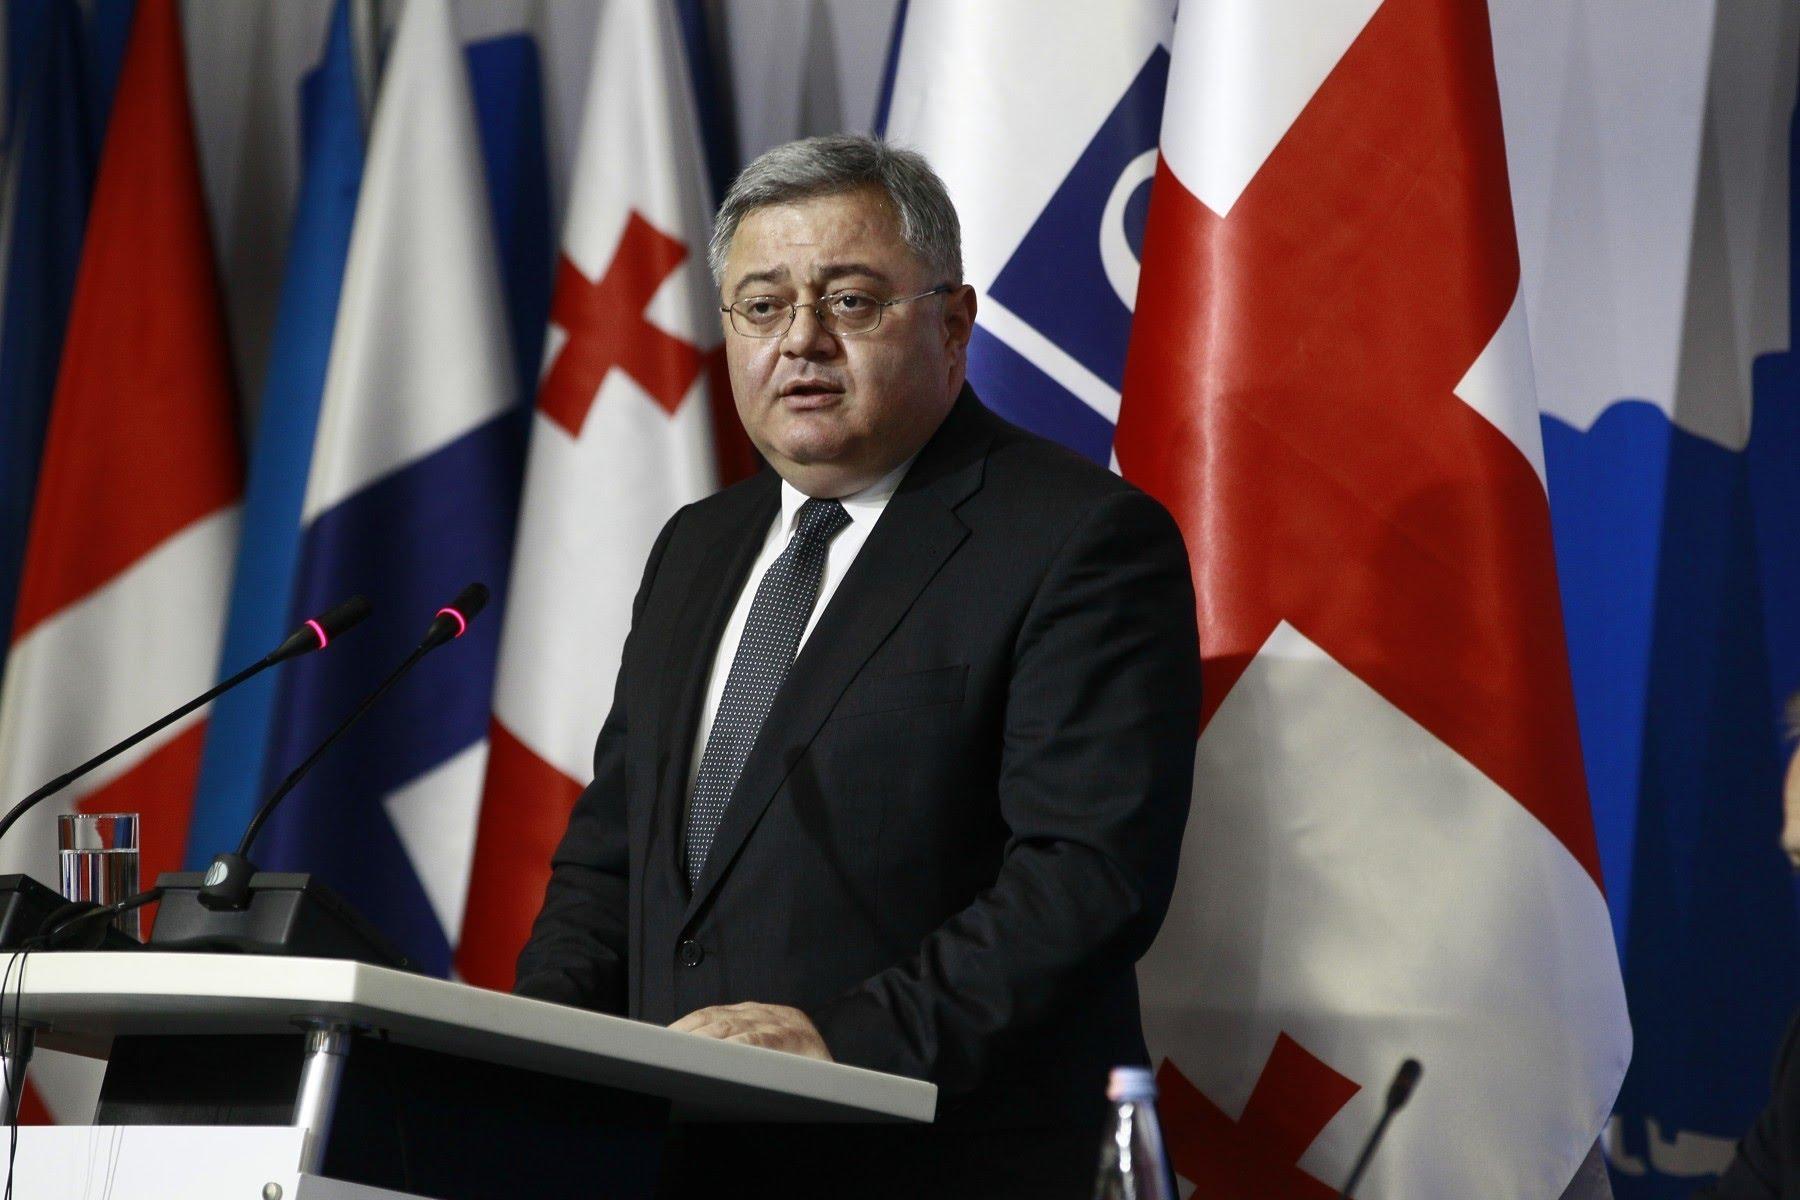 Давид Усупашвили выступил за размещение военной базы США в ГрузииДавид Усупашвили выступил за размещение военной базы США в Грузии